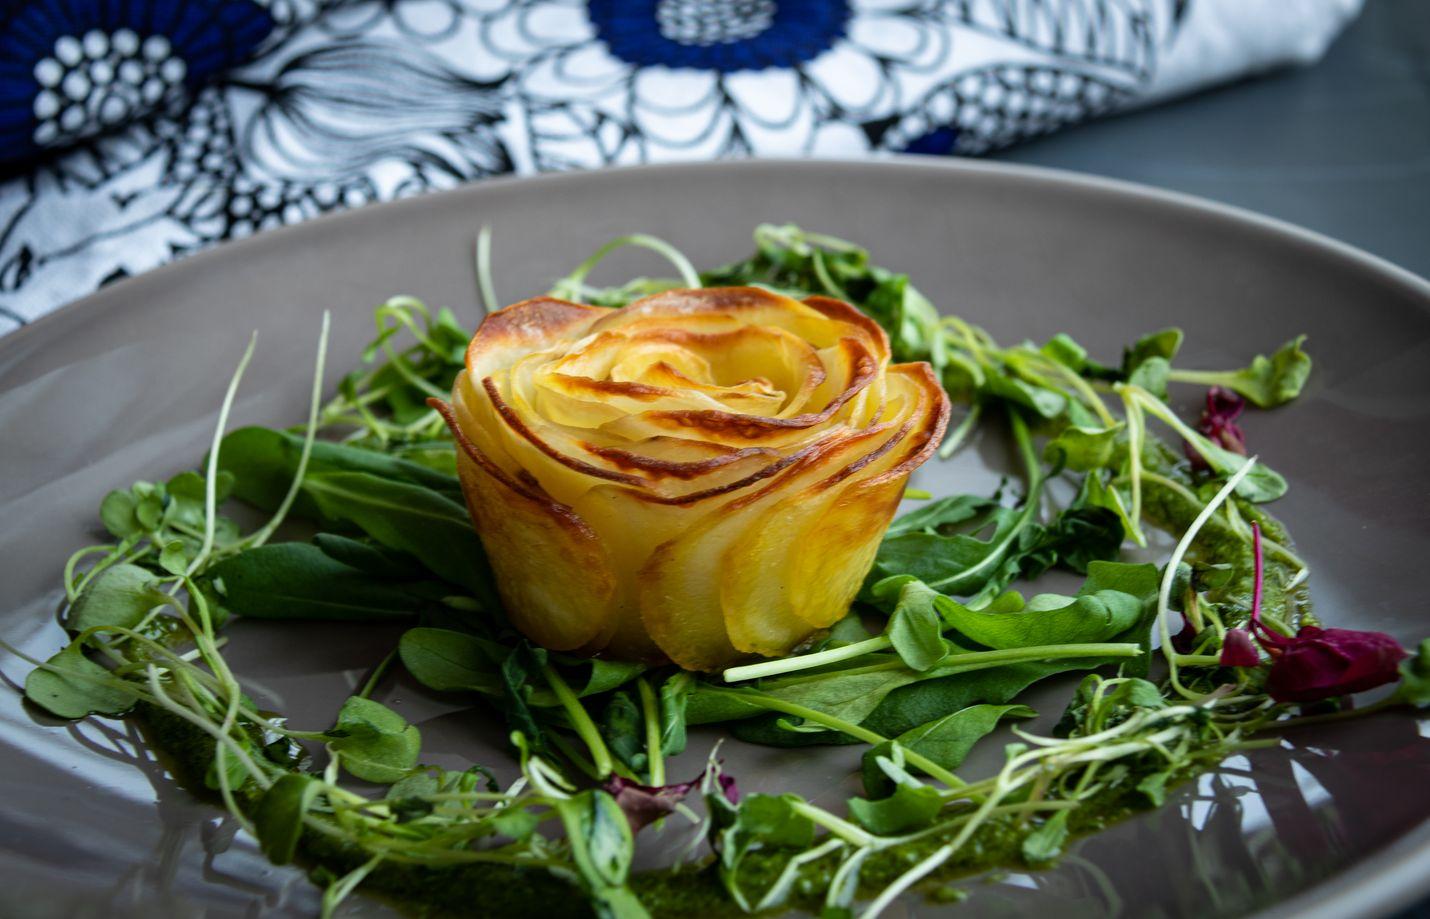 Mitä ohuemmat siivut, sitä helpompi perunaruusu on koota muffinssivuokaan. Kaunis ruusu on aterian katseenvangitsija.